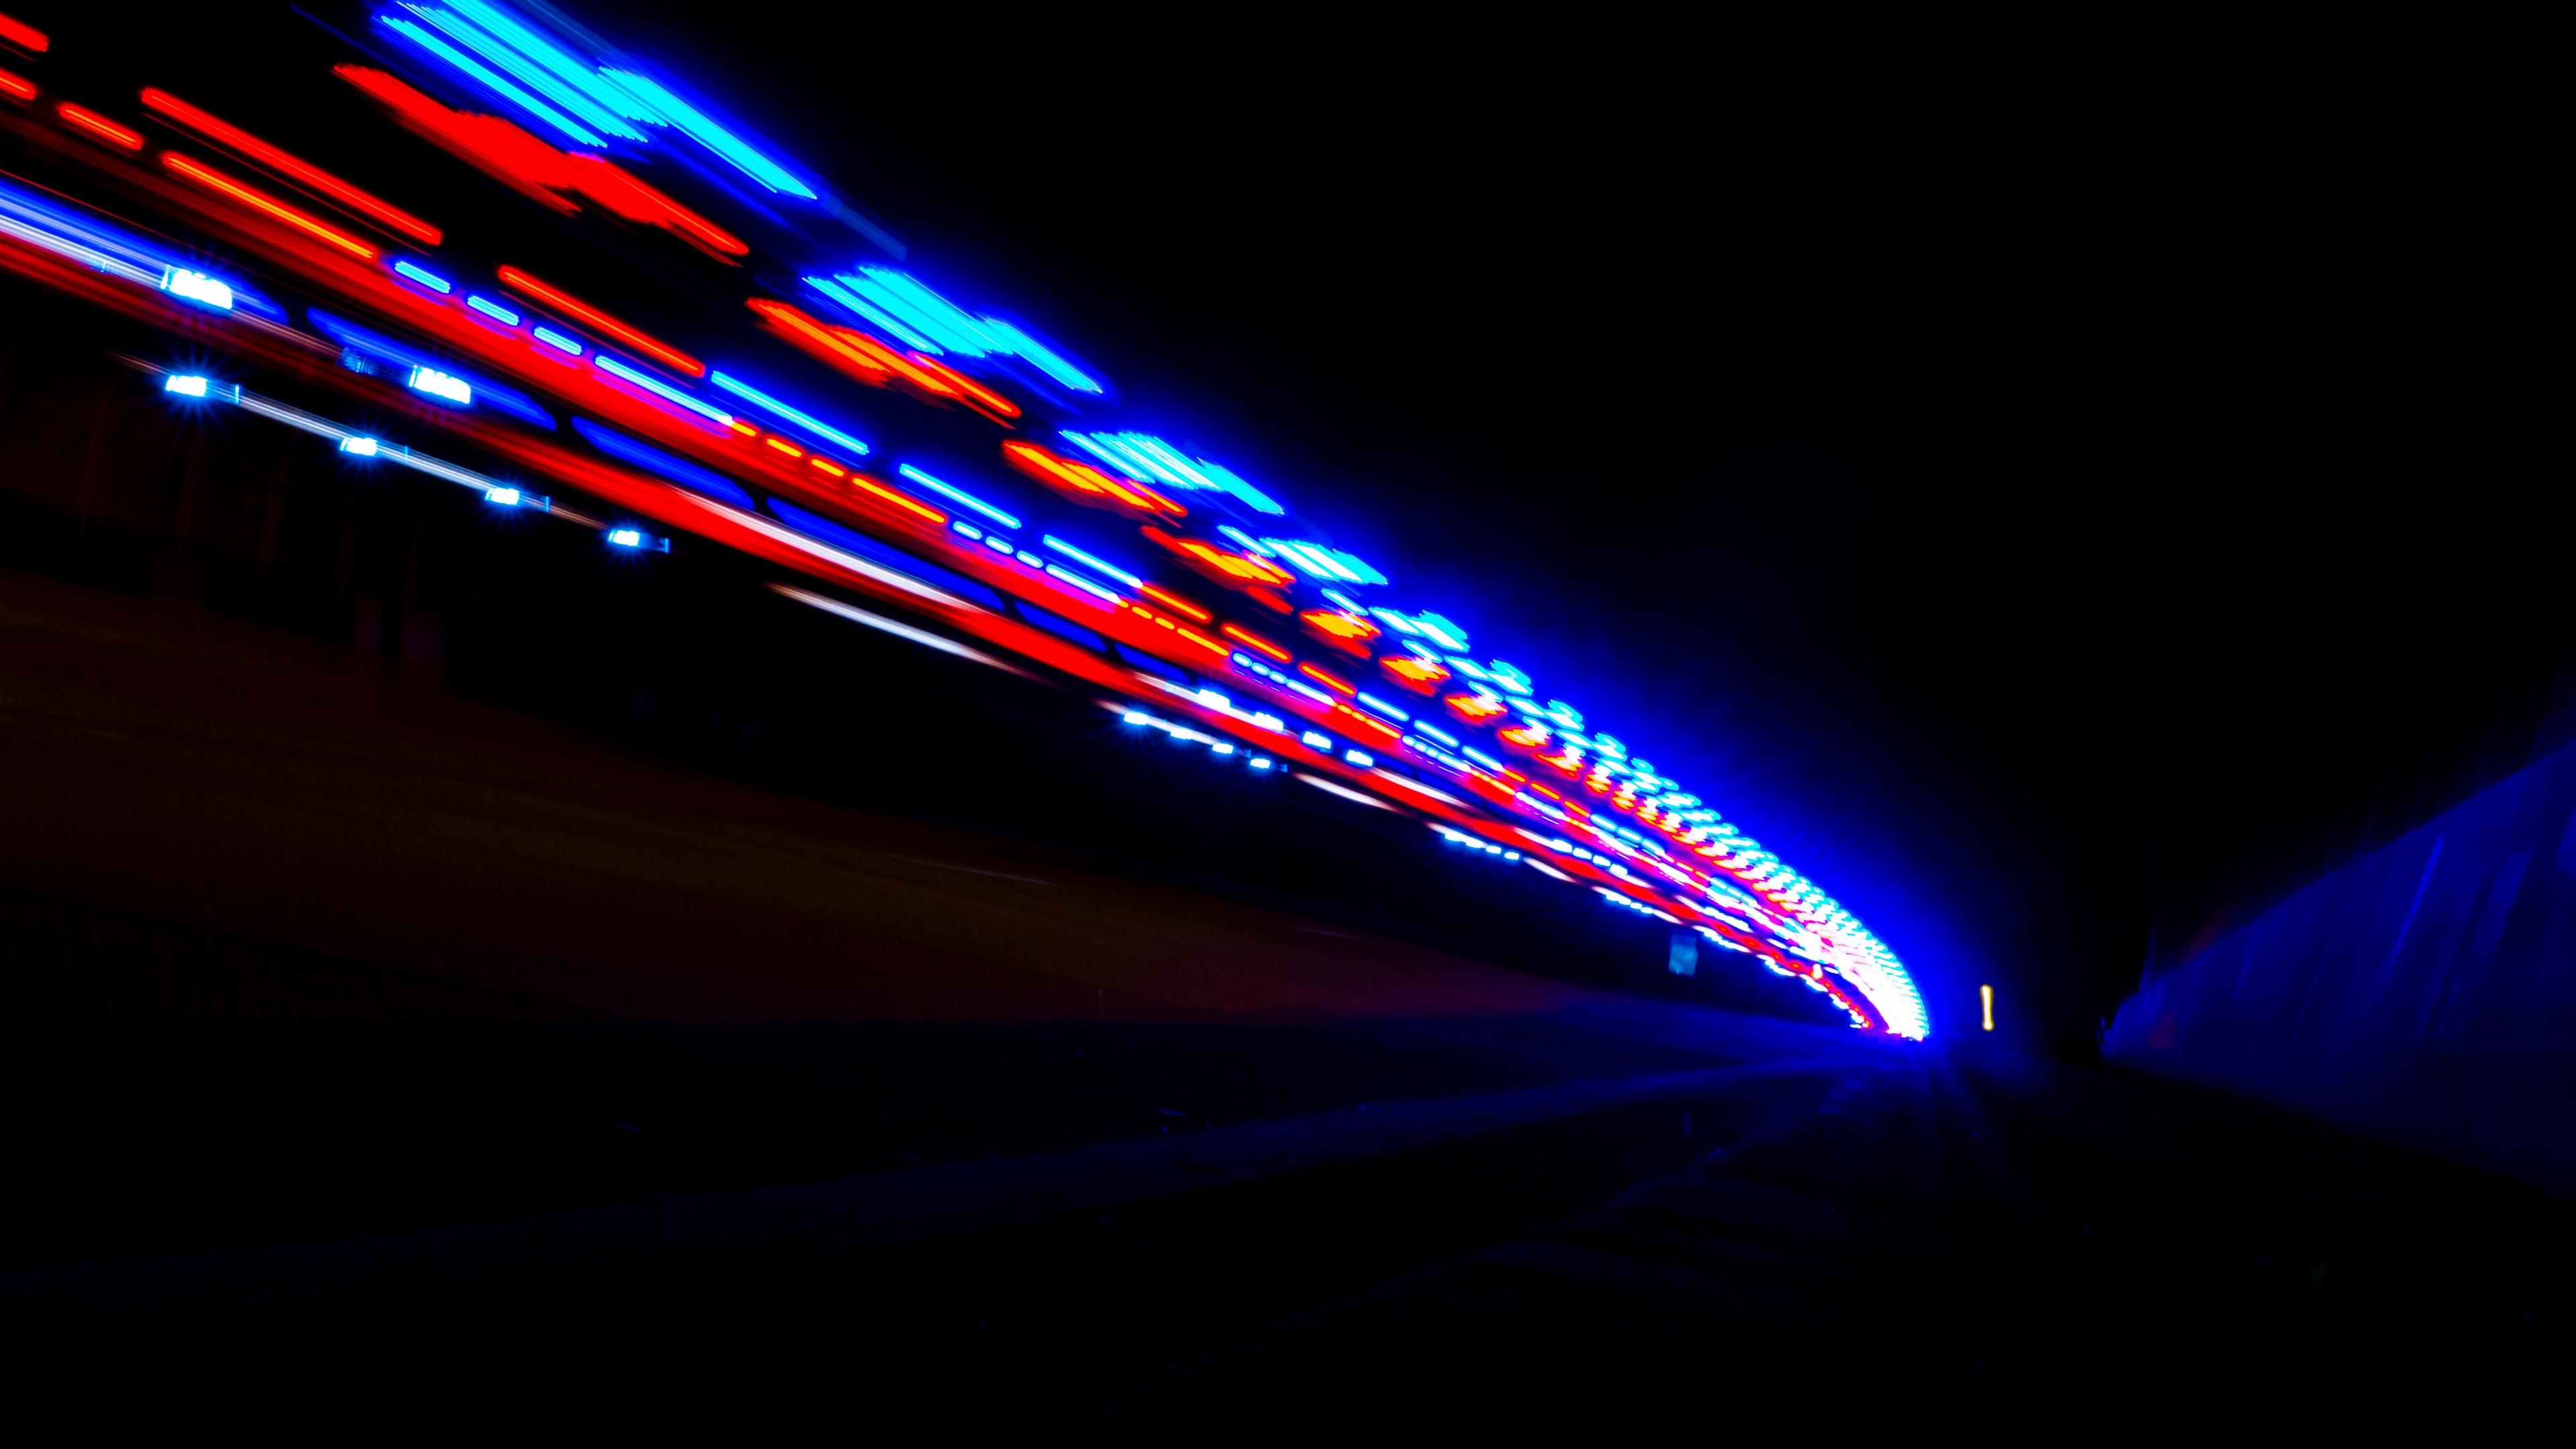 lines light dark 4k 1539369406 - lines, light, dark 4k - Lines, Light, Dark